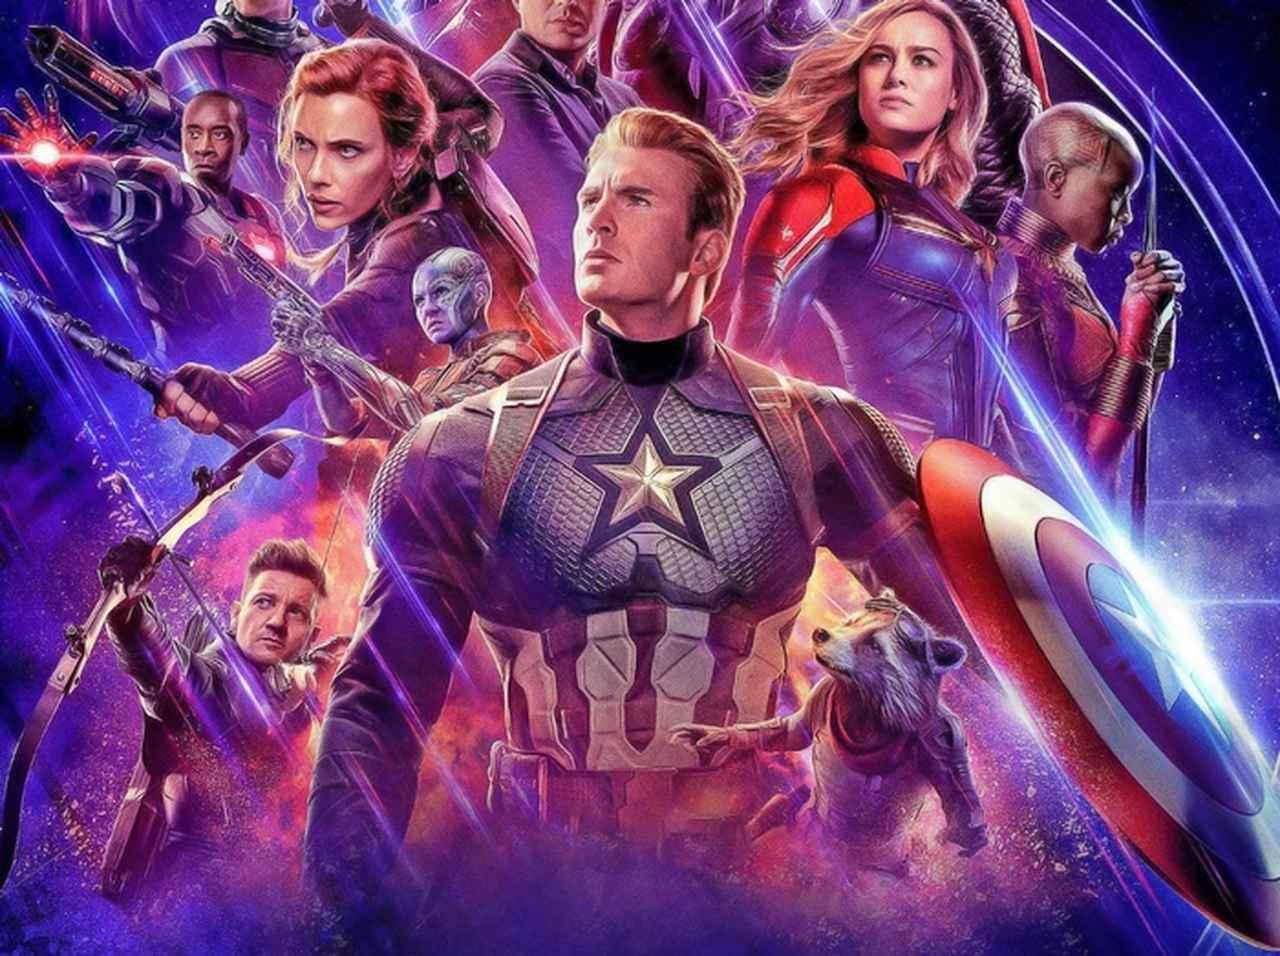 『アベンジャーズ/エンドゲーム』、4年越しに明かされたキャプテン・アメリカの「事実」